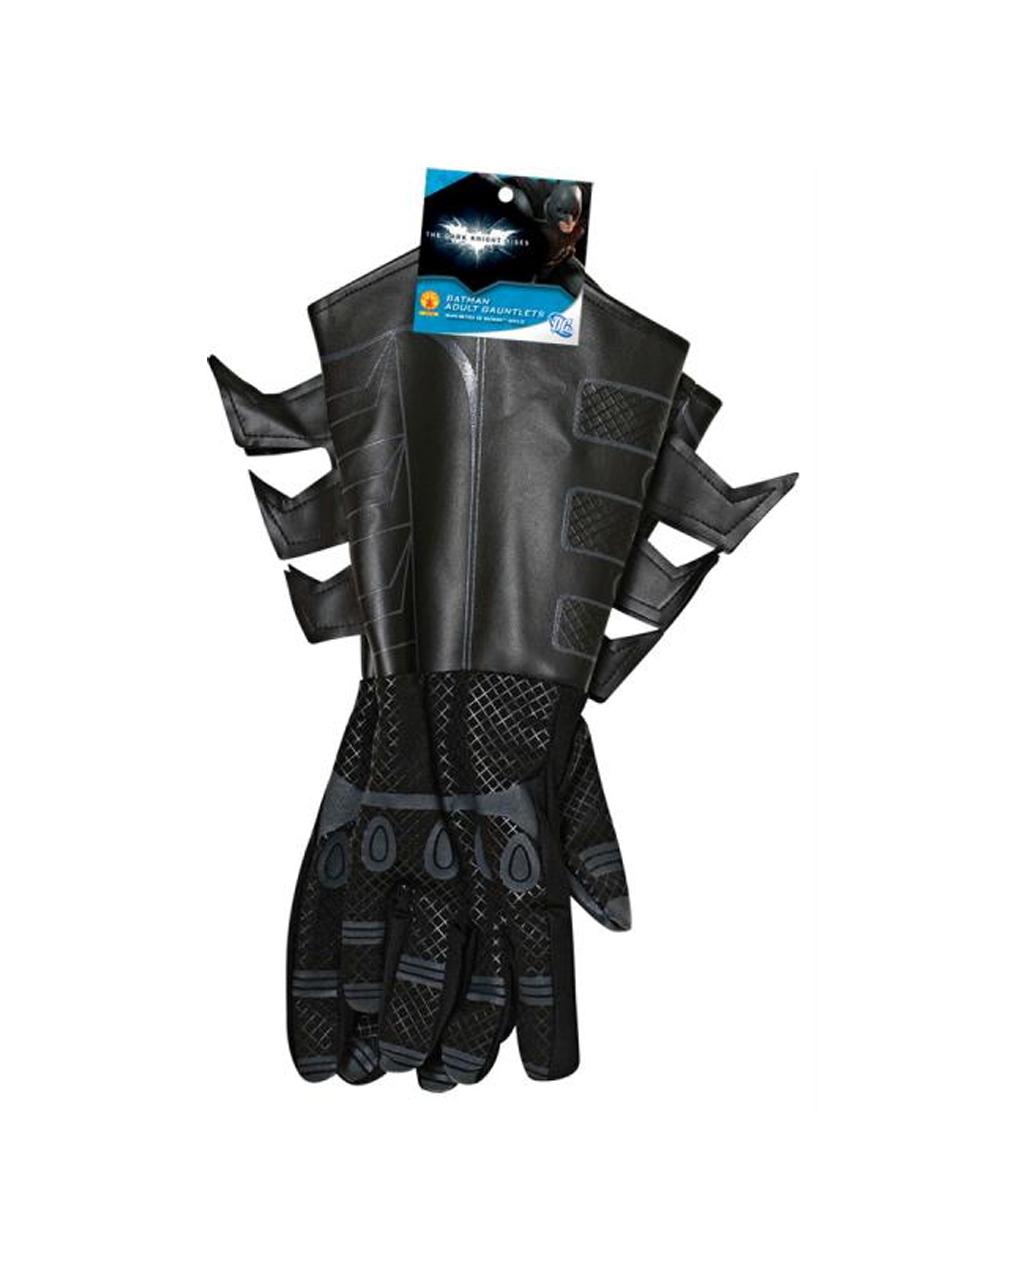 fb36176c53531 Batman gloves -The Dark Knight Rises Batman costume | horror-shop.com